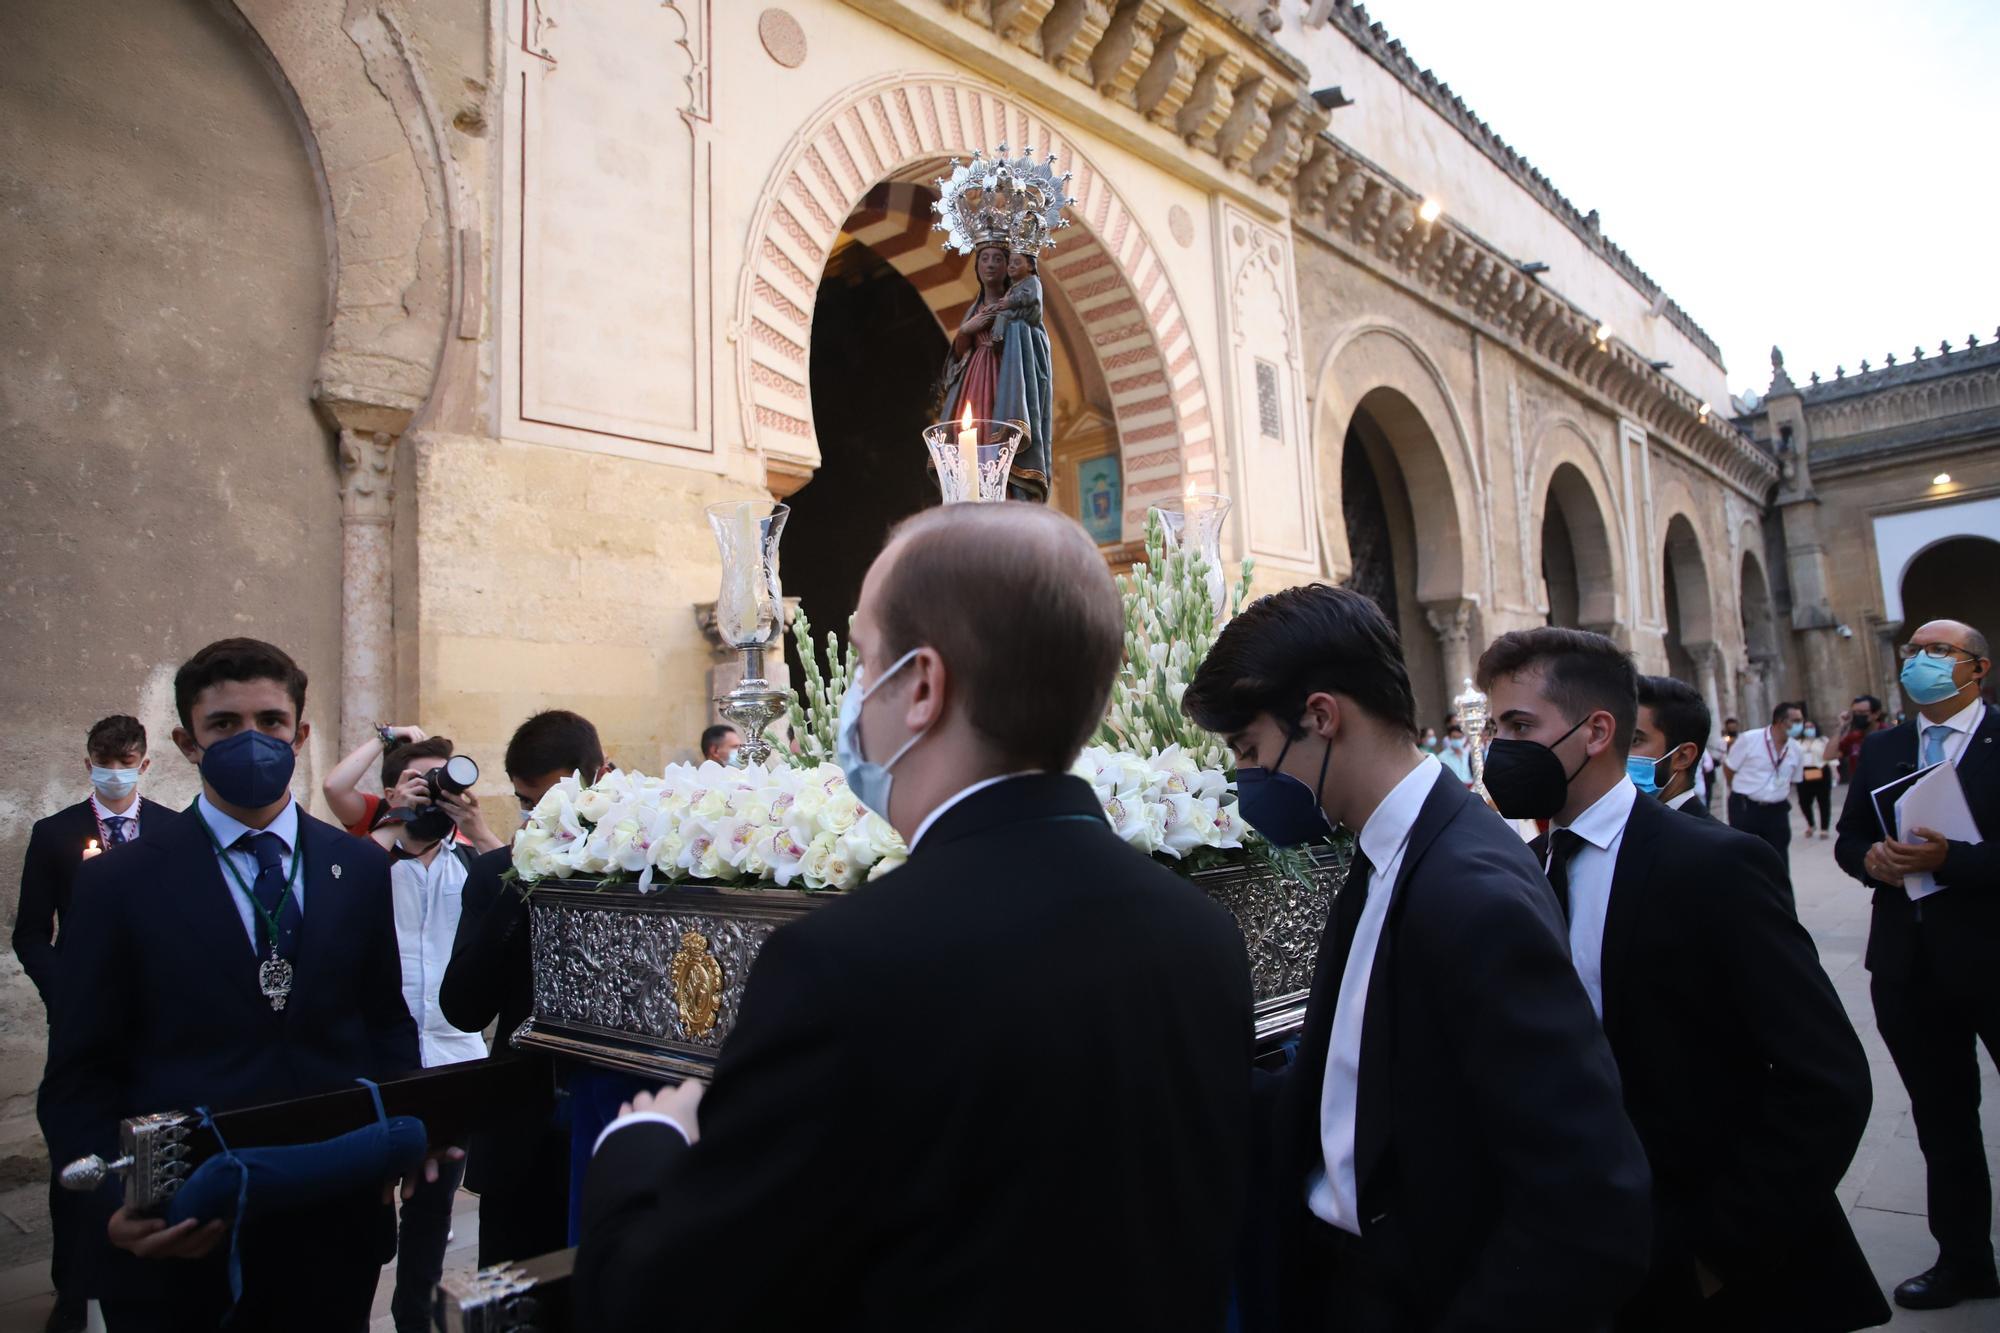 El Vía Lucis de la Virgen de la Fuensanta recoore el Patio de los Naranjos